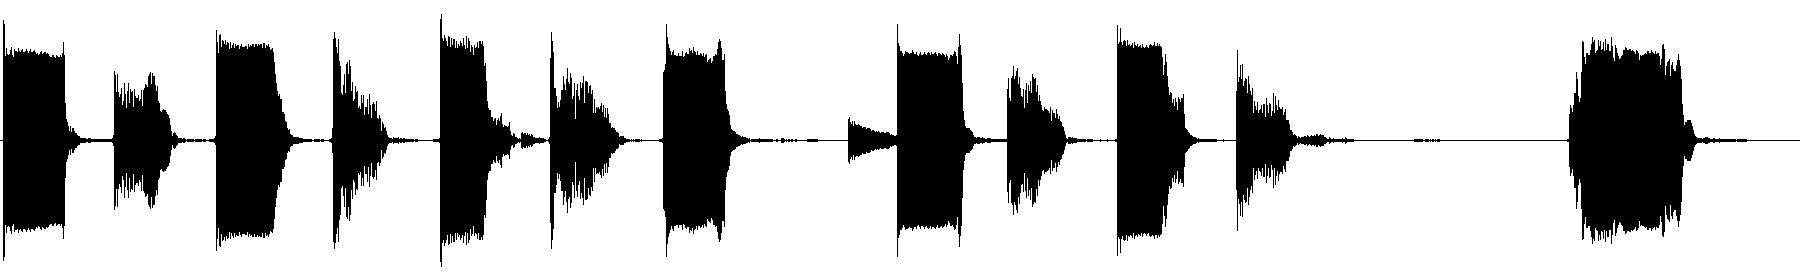 guitarfunk12 100